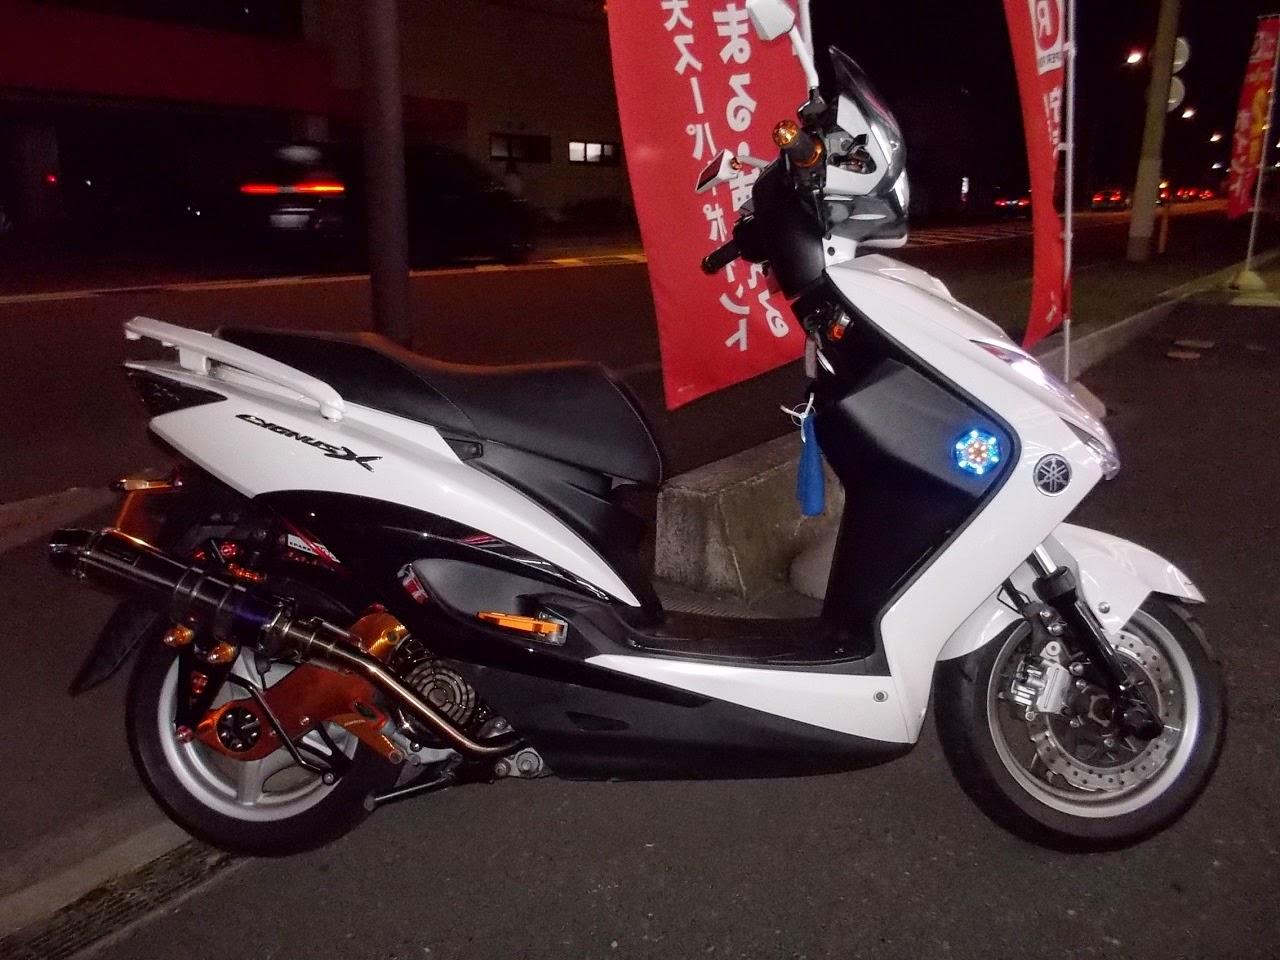 blueskyfuji: 平和に楽しむのも車バイク趣味の一つ